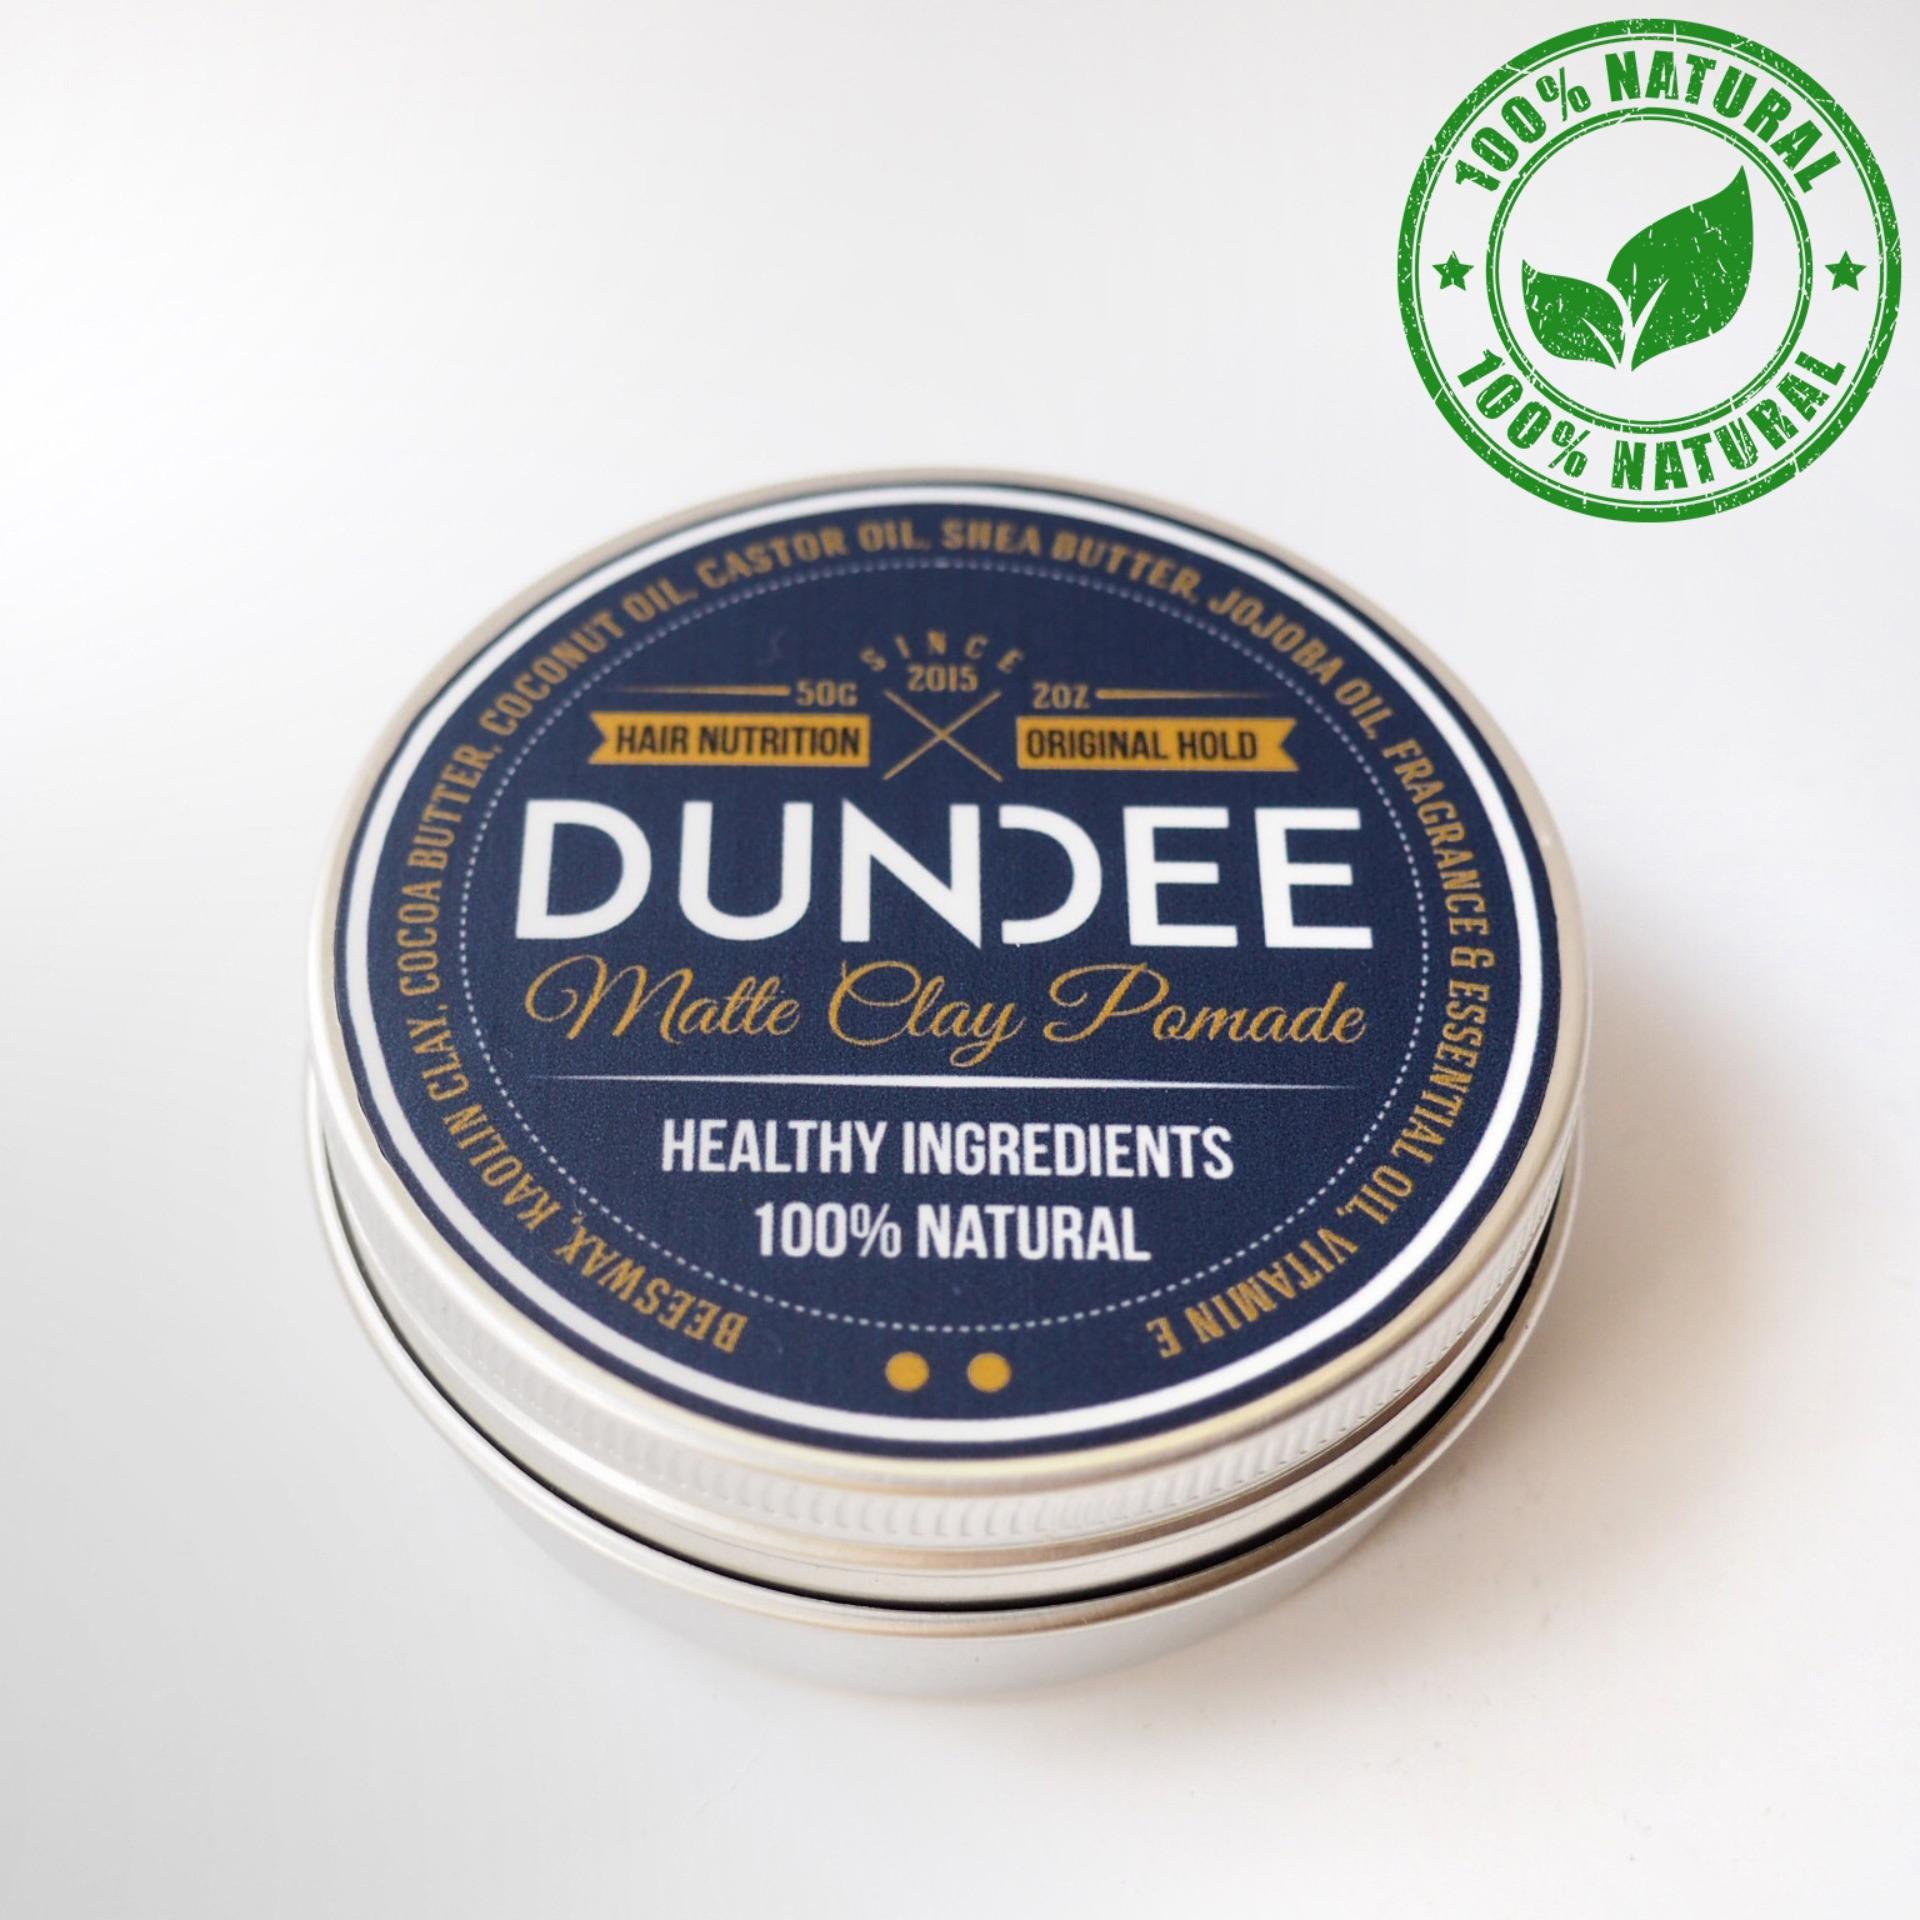 DUNDEE Matte Clay Pomade - Original Hold - 50g   100% Natural dan Organik  Sehat untuk rambut  Mencegah kerontokan